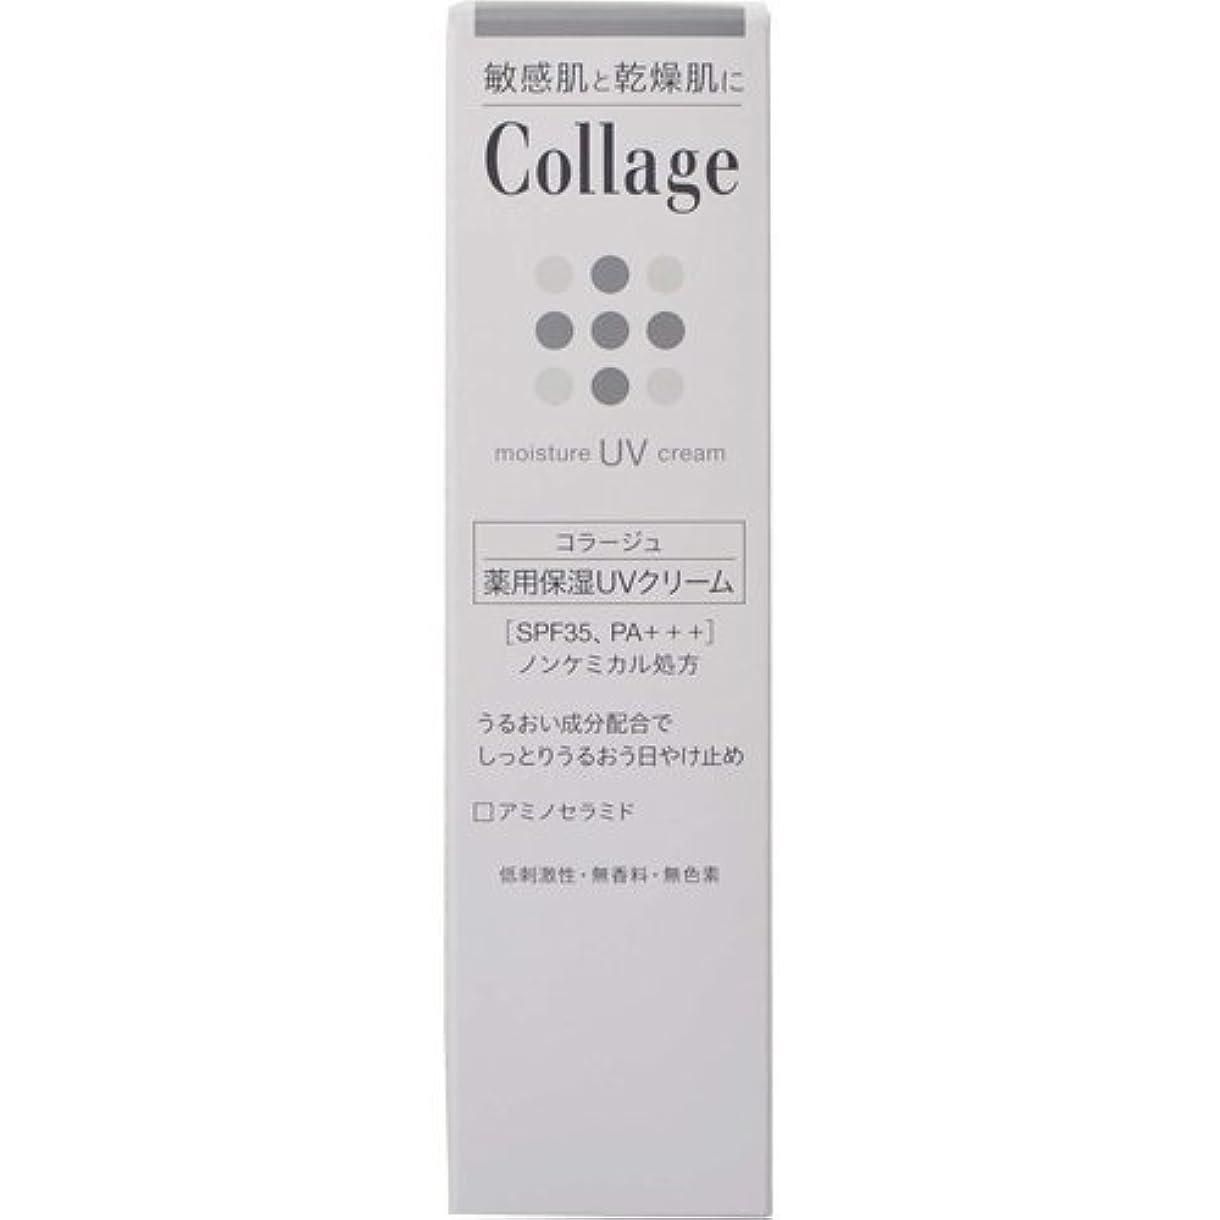 ハブブ木曜日屋内コラージュ 薬用保湿UVクリーム 30g ×6個